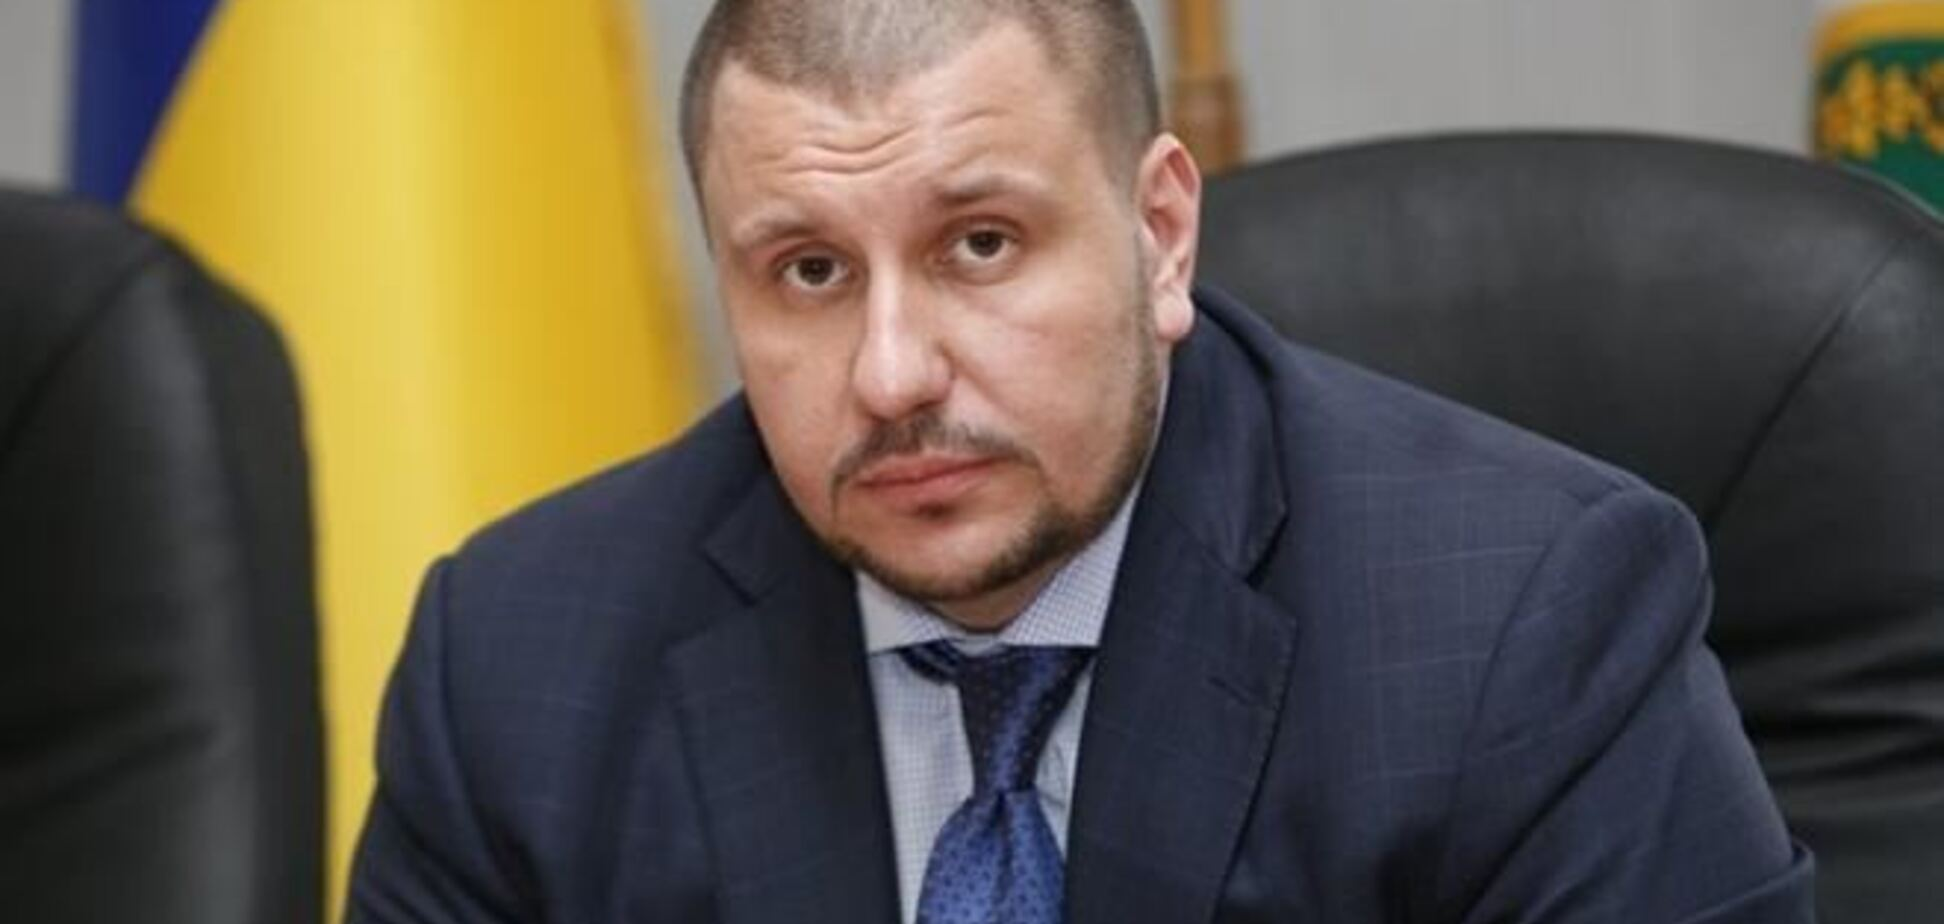 Клименко о сыне Януковича: я бы не преувеличивал его влияние на процессы